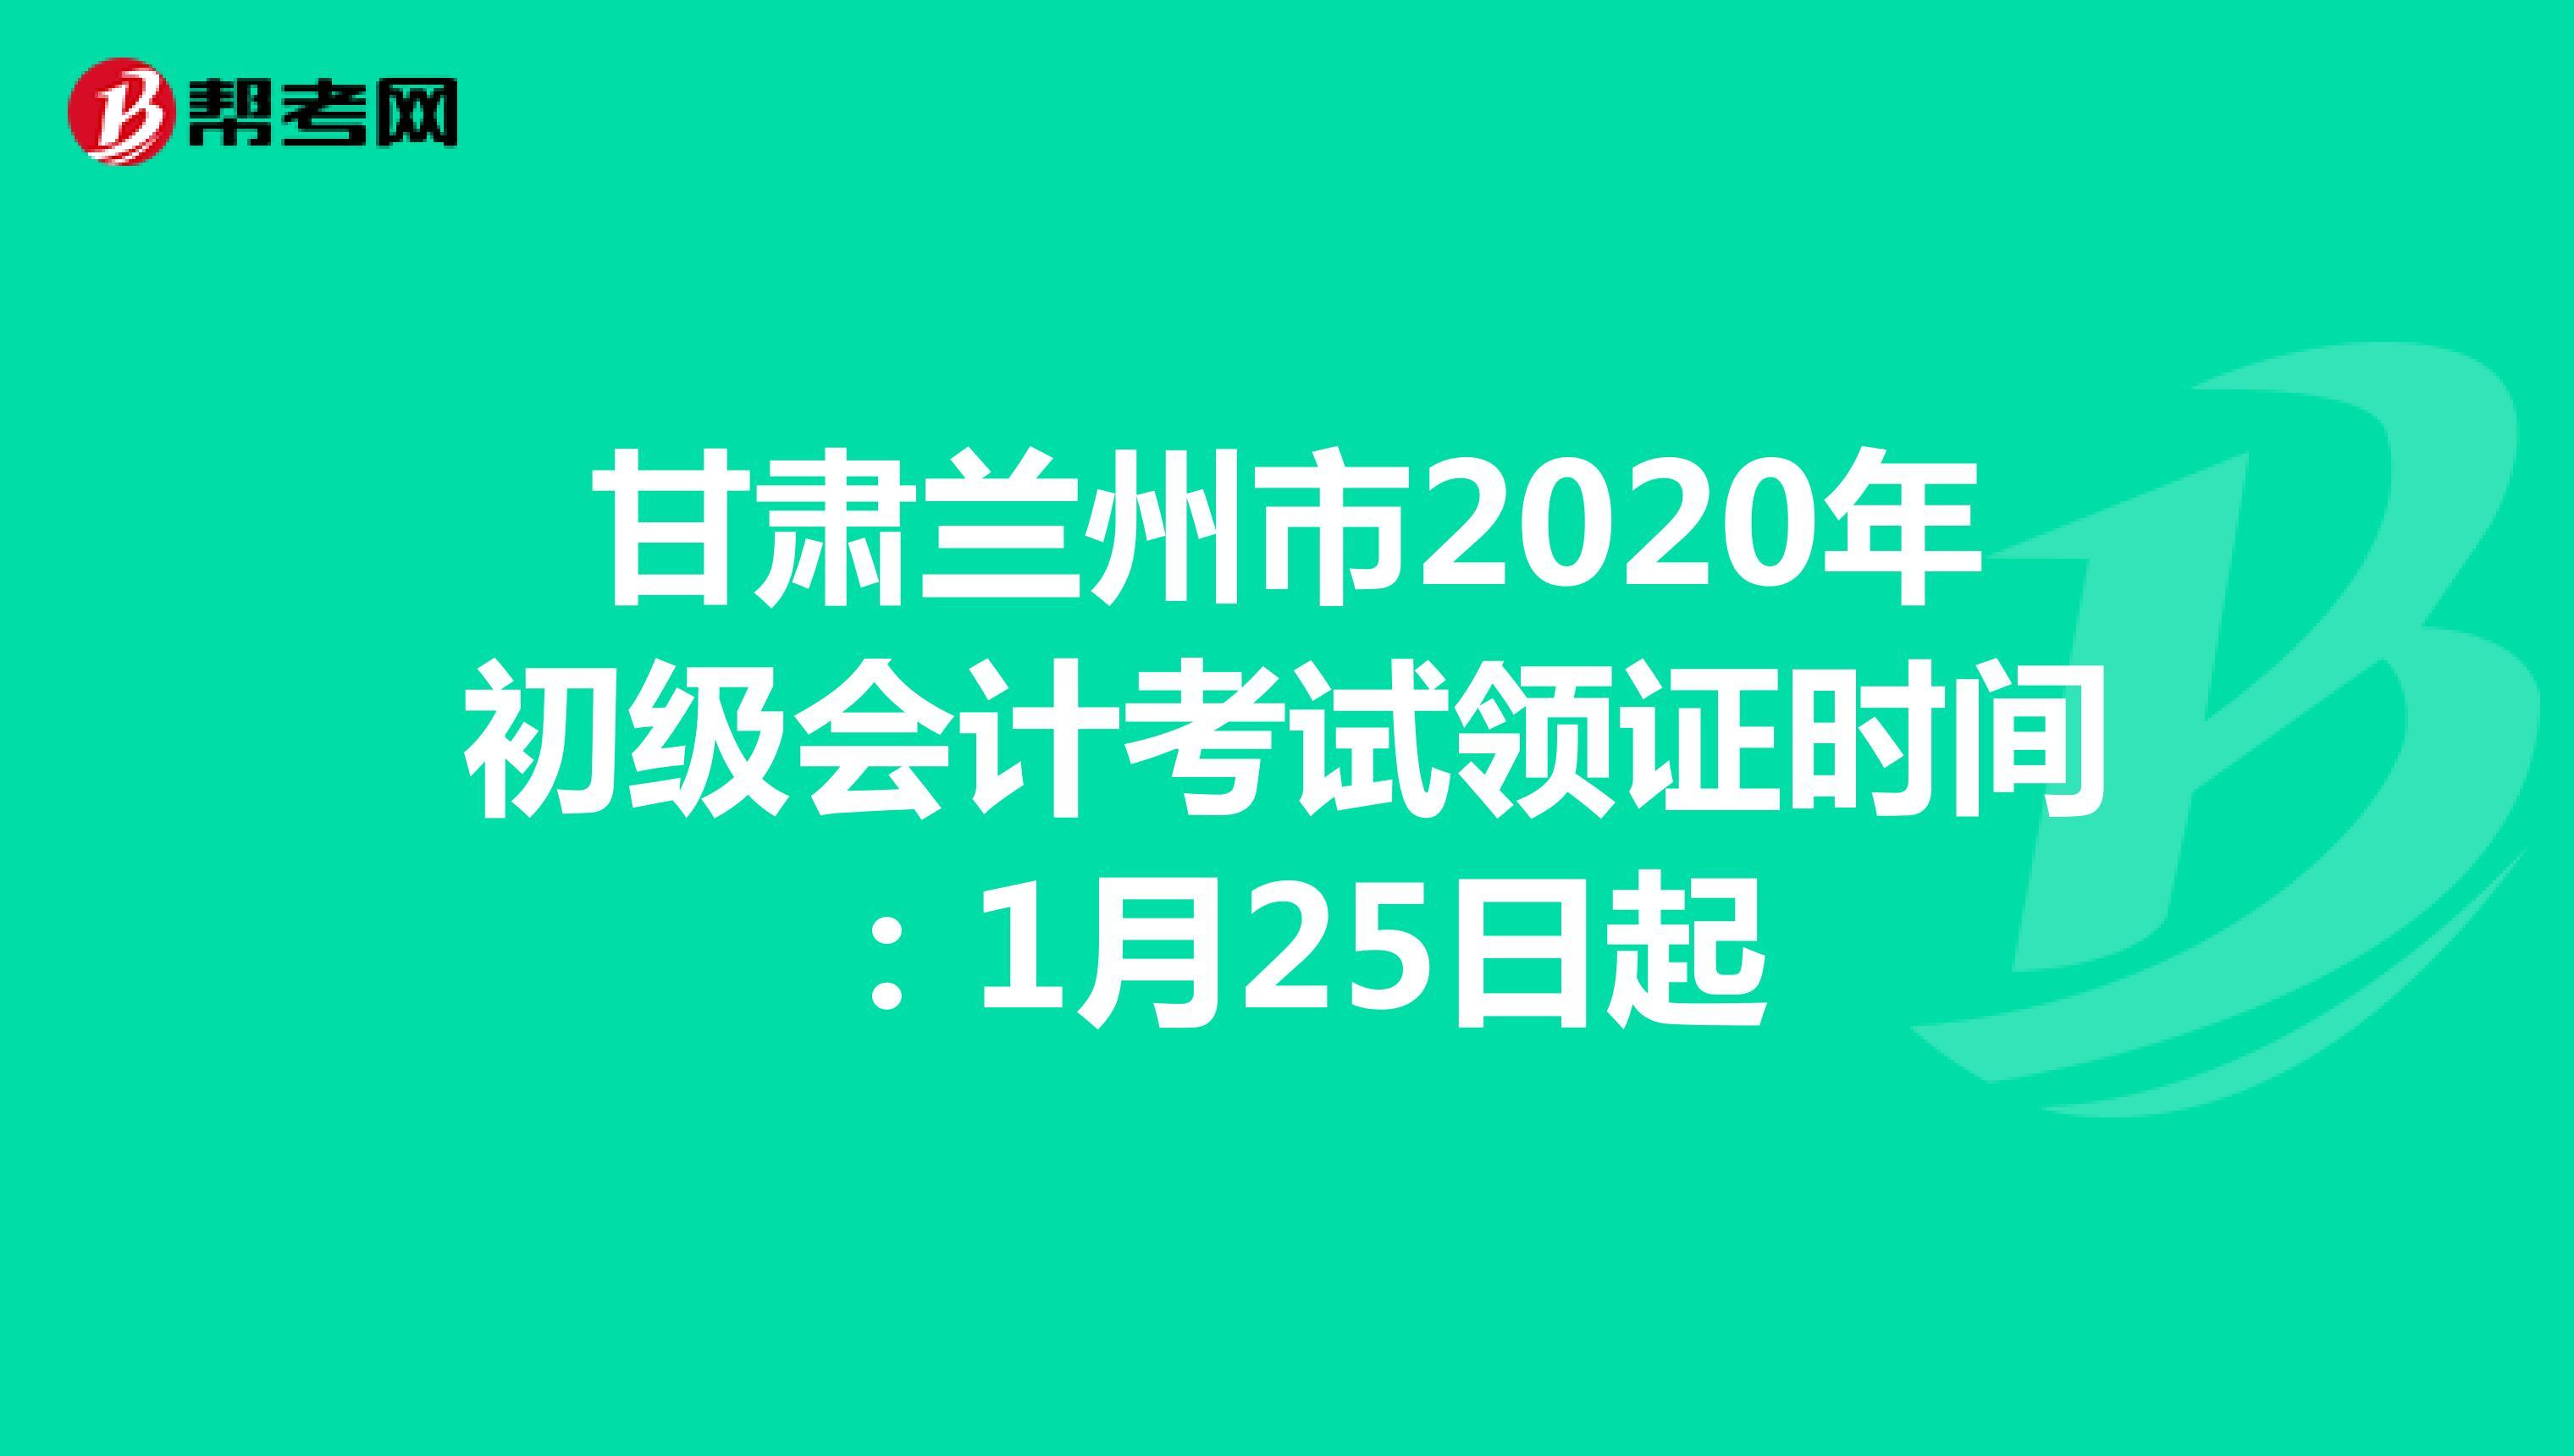 甘肃兰州市2020年初级会计考试领证时间:1月25日起